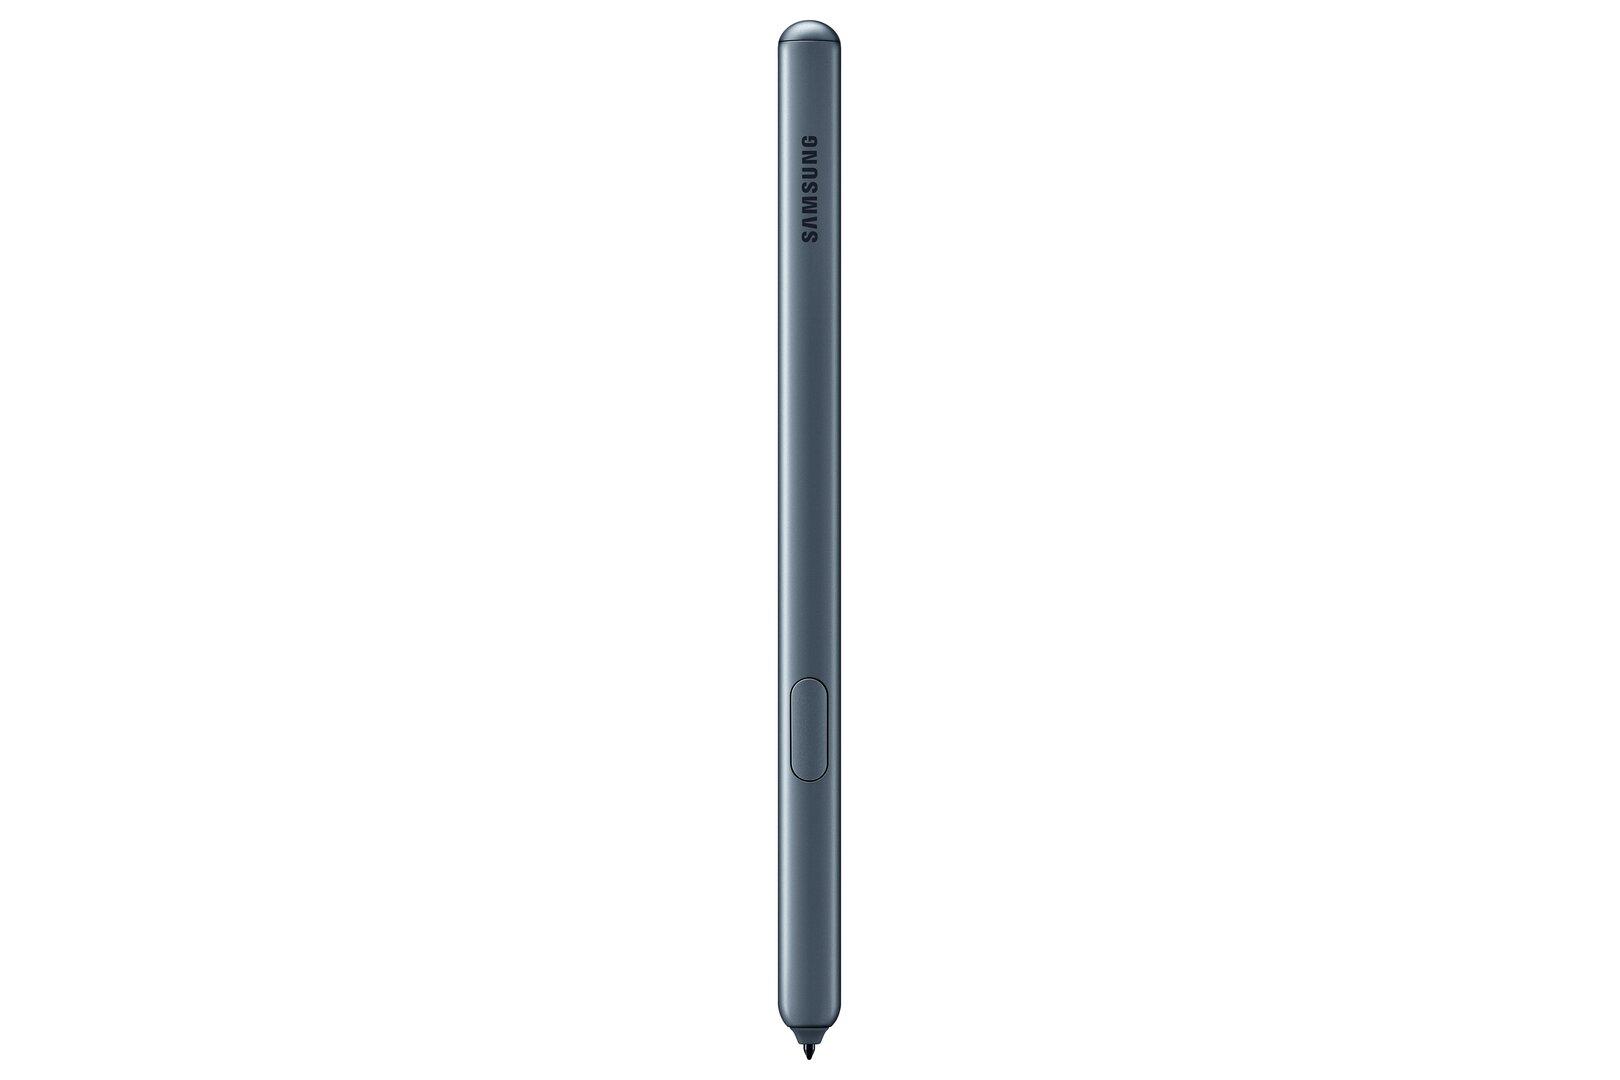 S Pen des Samsung Galaxy Tab S6